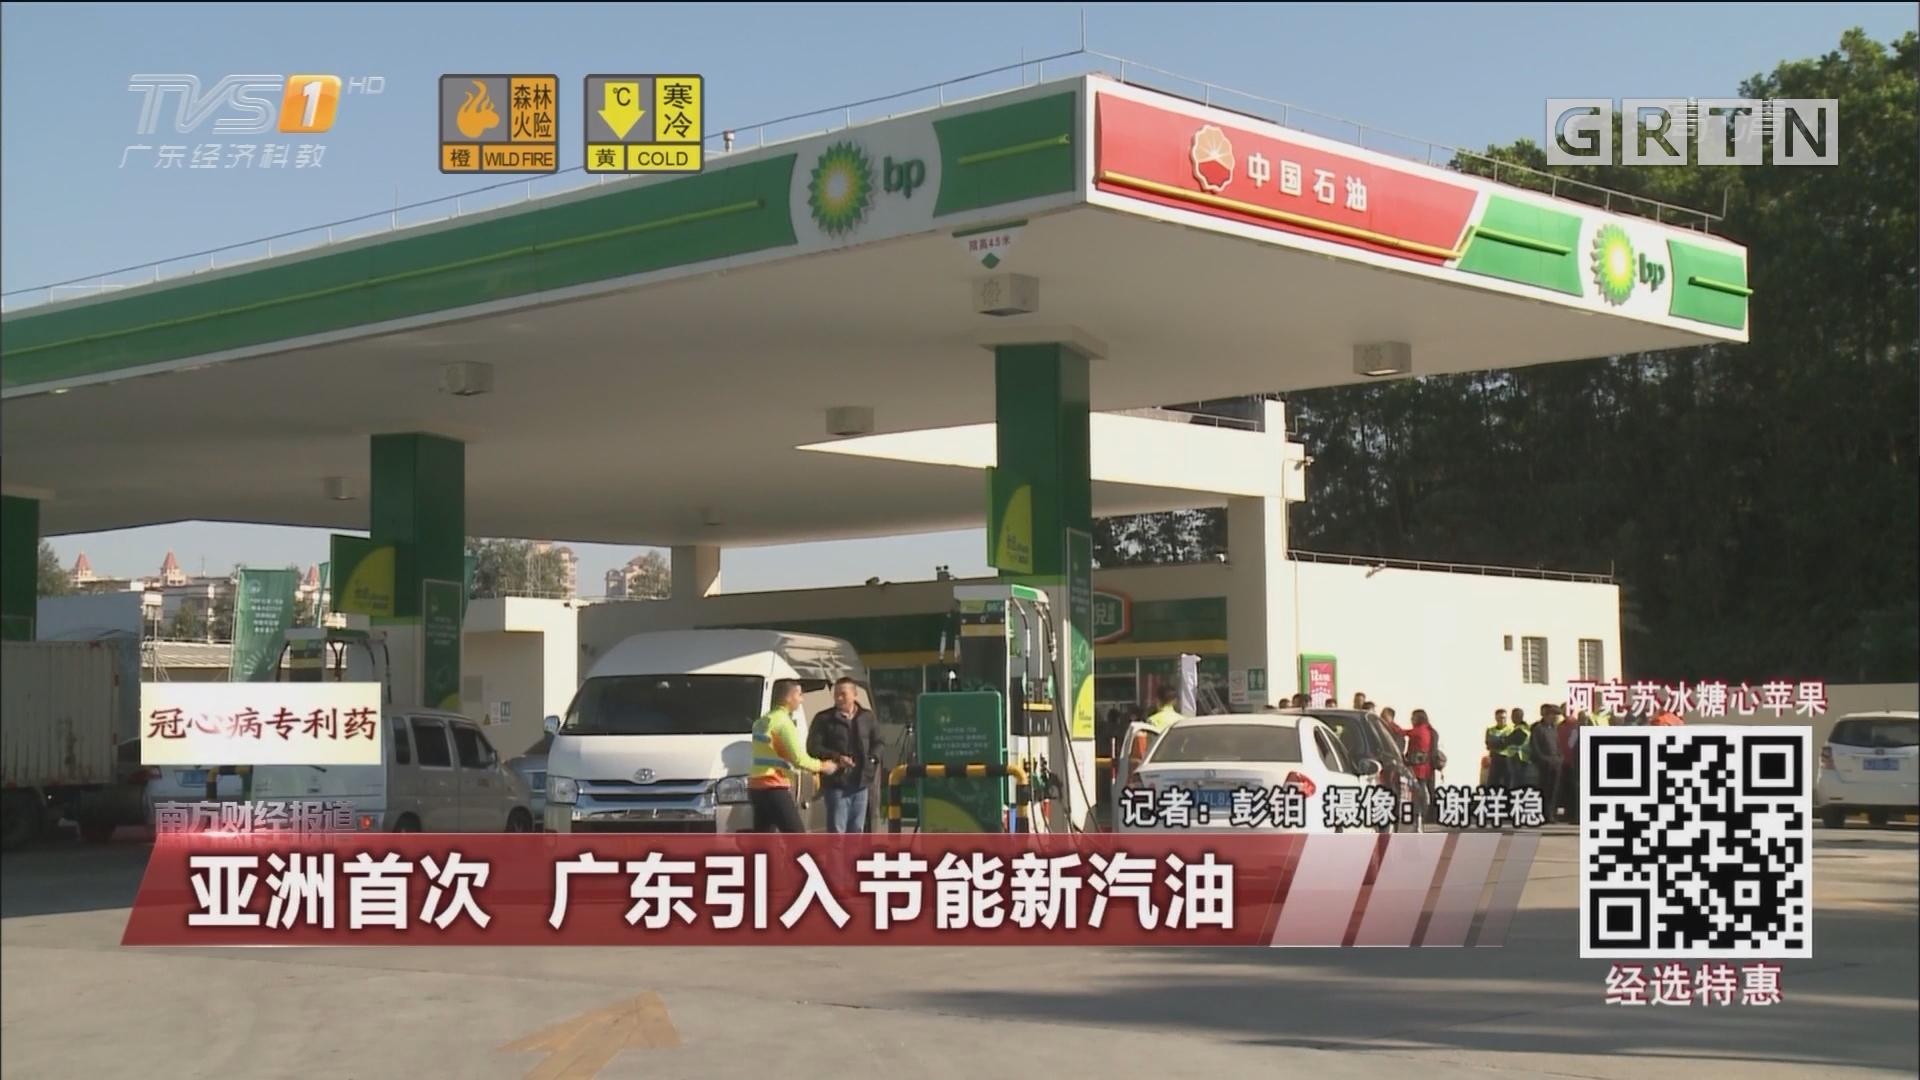 亚洲首次 广东引入节能新汽油